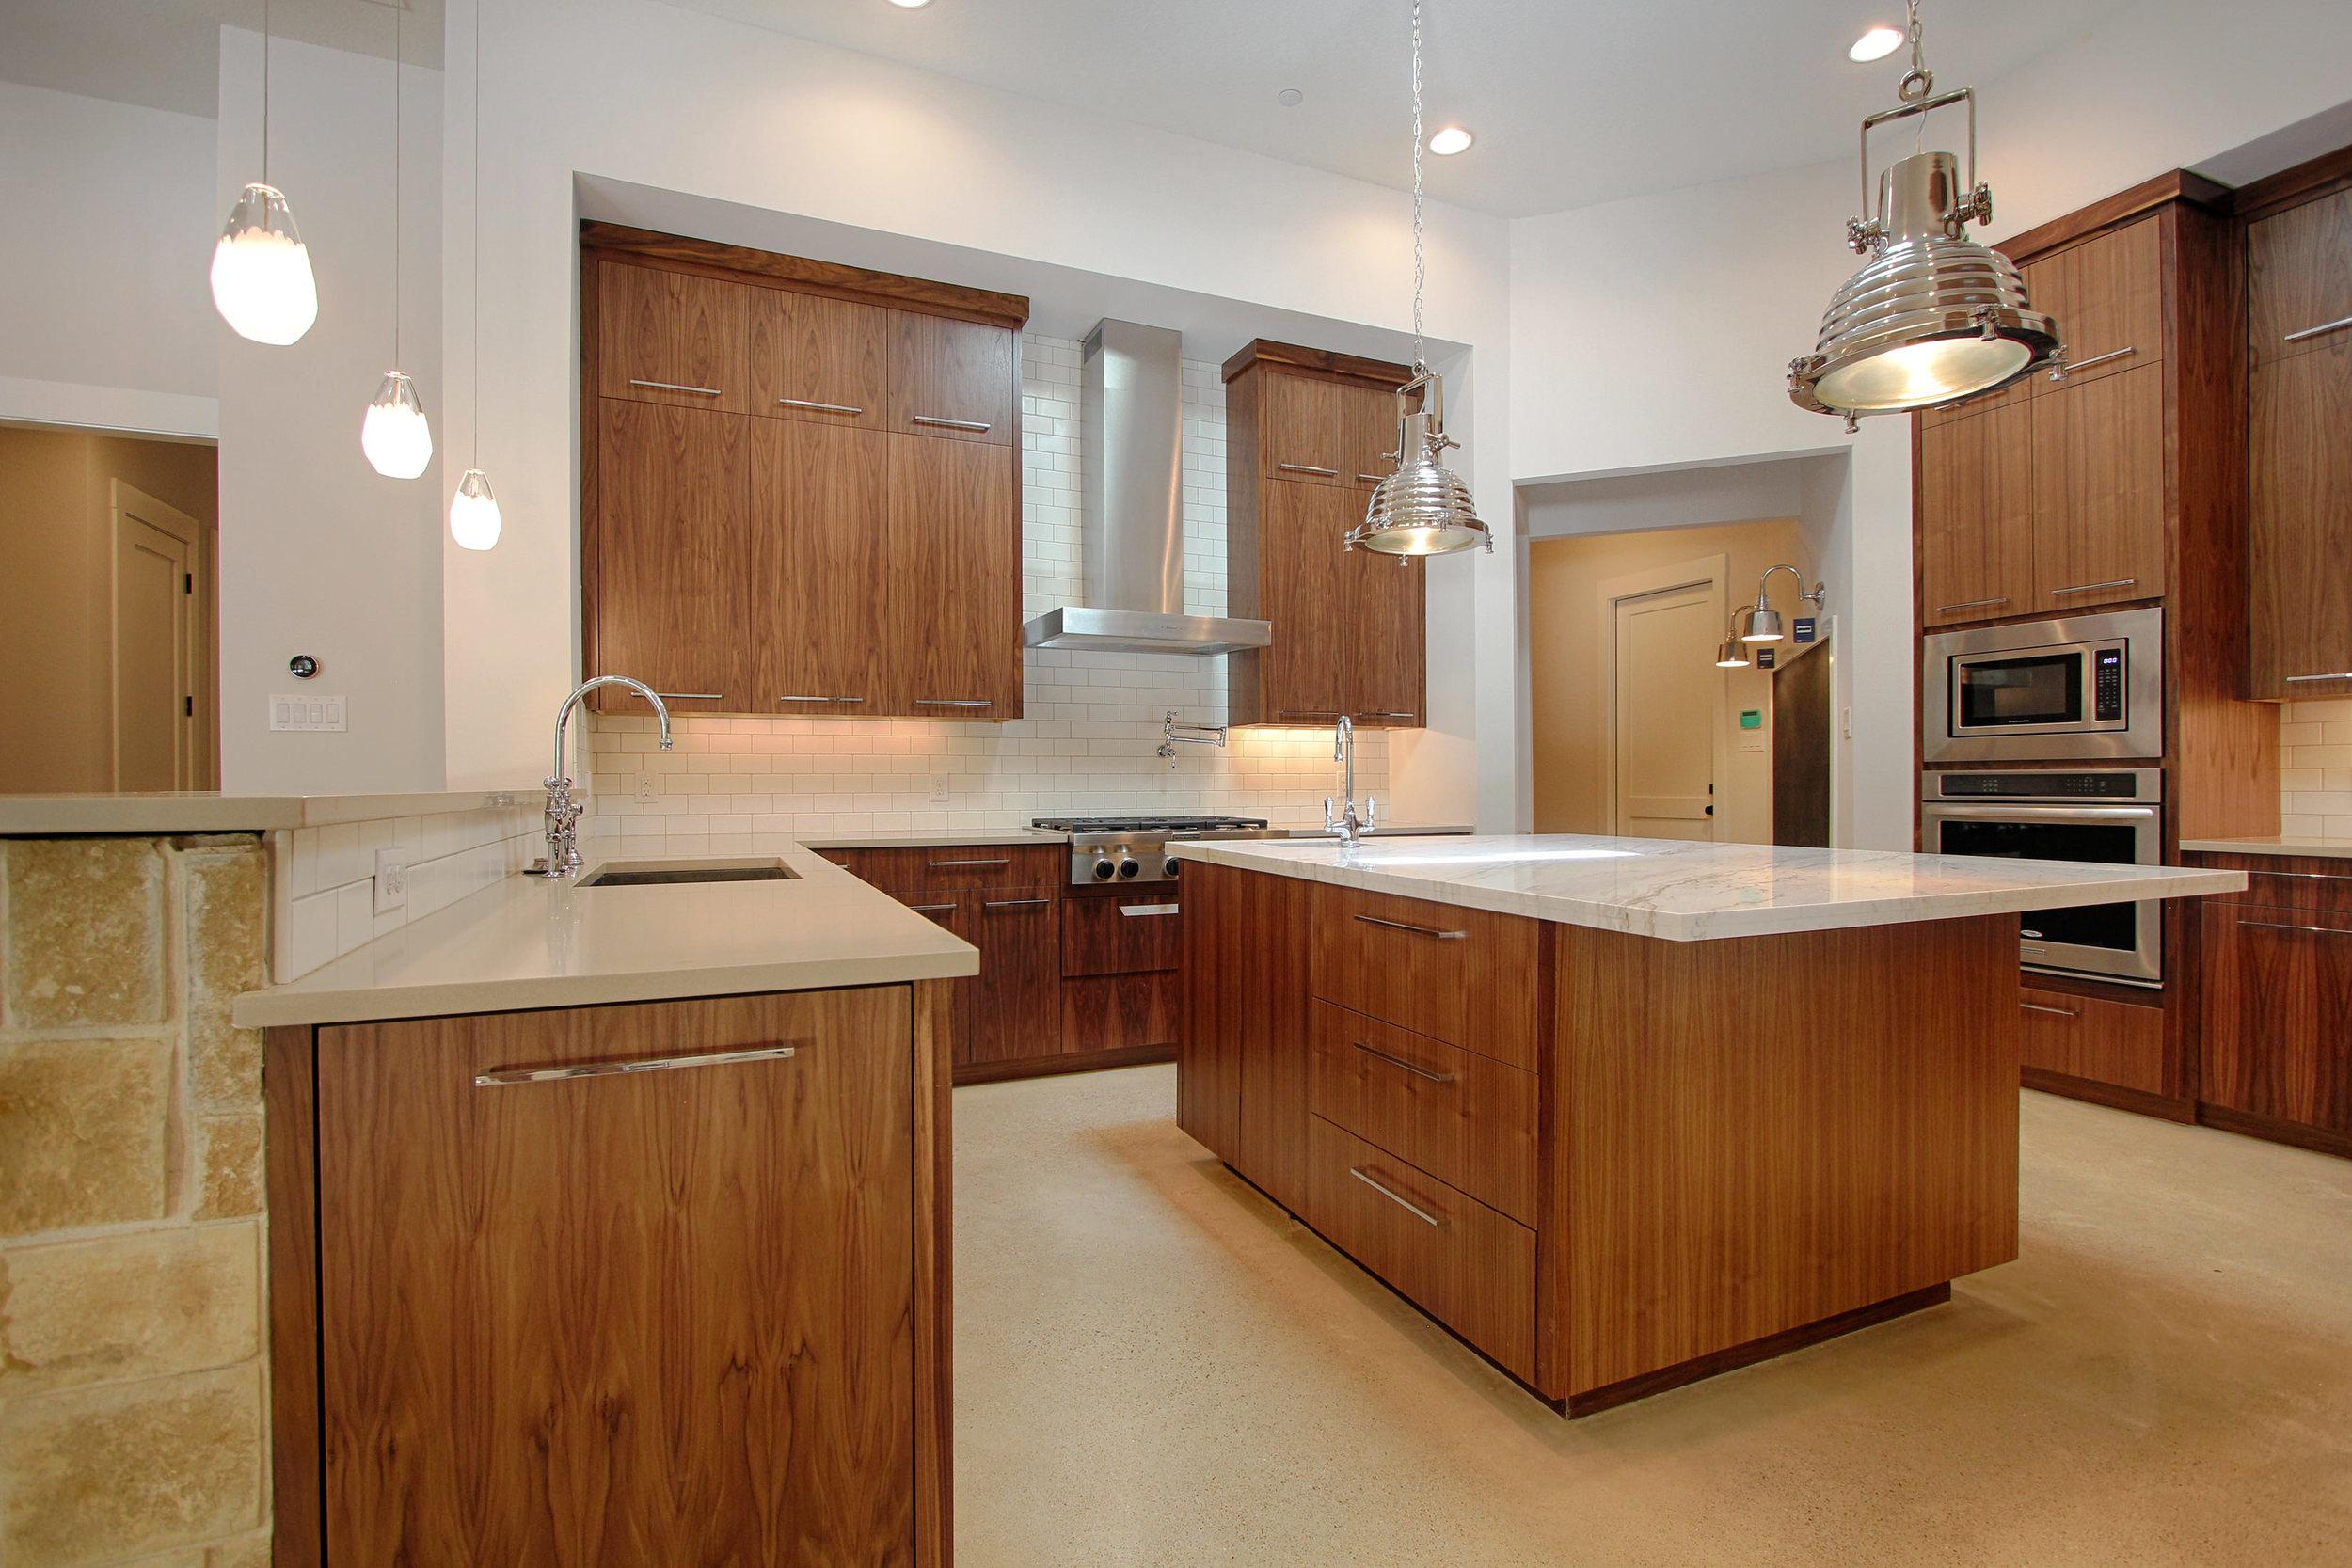 3 Kitchen 3.jpg